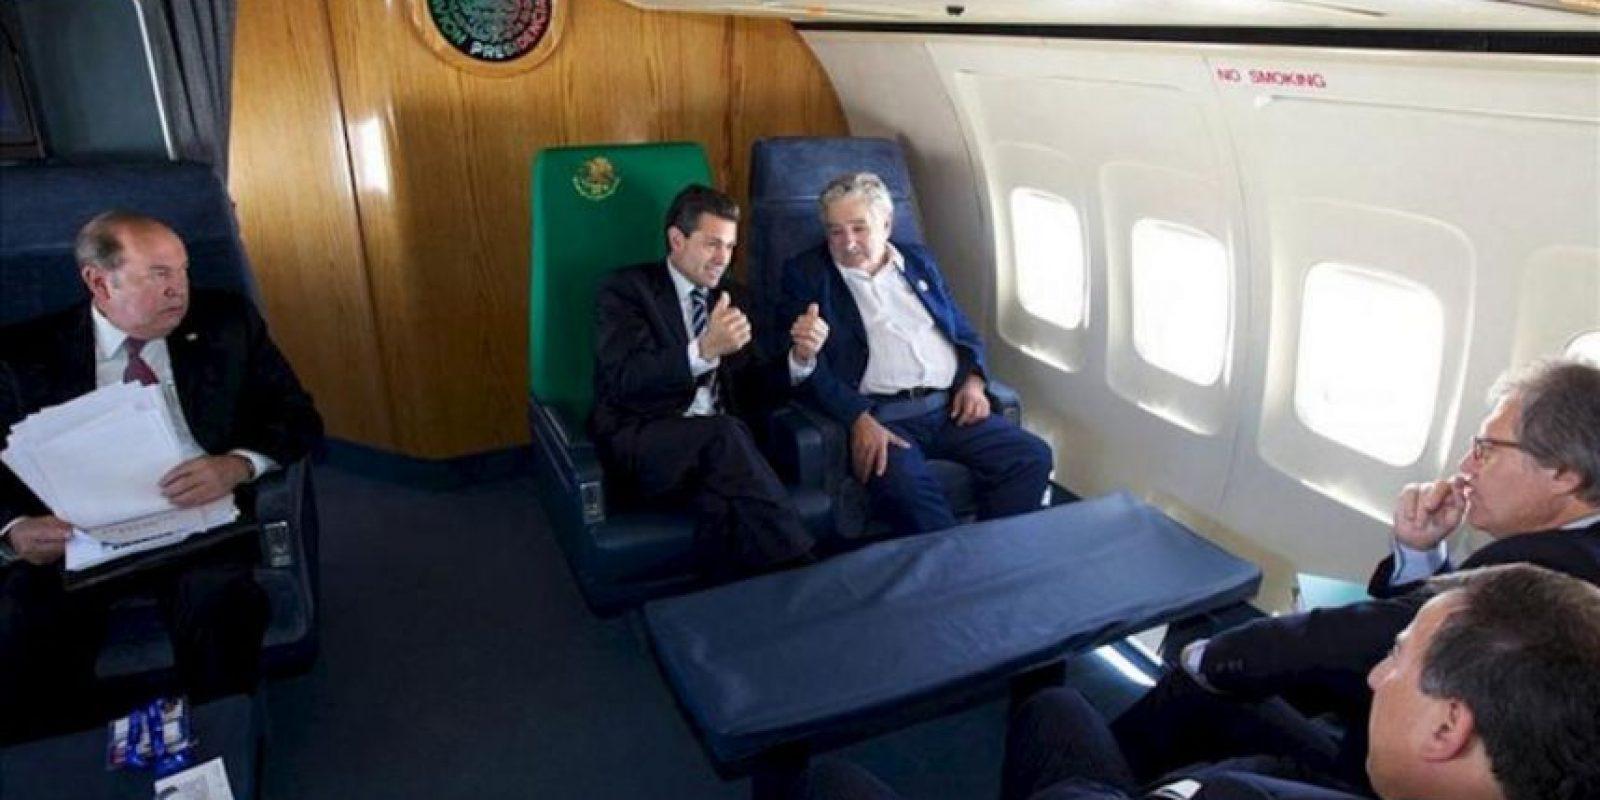 Fotografía cedida por la Presidencia de México, que muestra a los mandatarios de México, Enrique Peña Nieto (c), y de Uruguay, José Mujica (d), en el avión presidencial mexicano, durante su viaje a Montevideo, Uruguay, procedentes de la cumbre Celac-UE. EFE